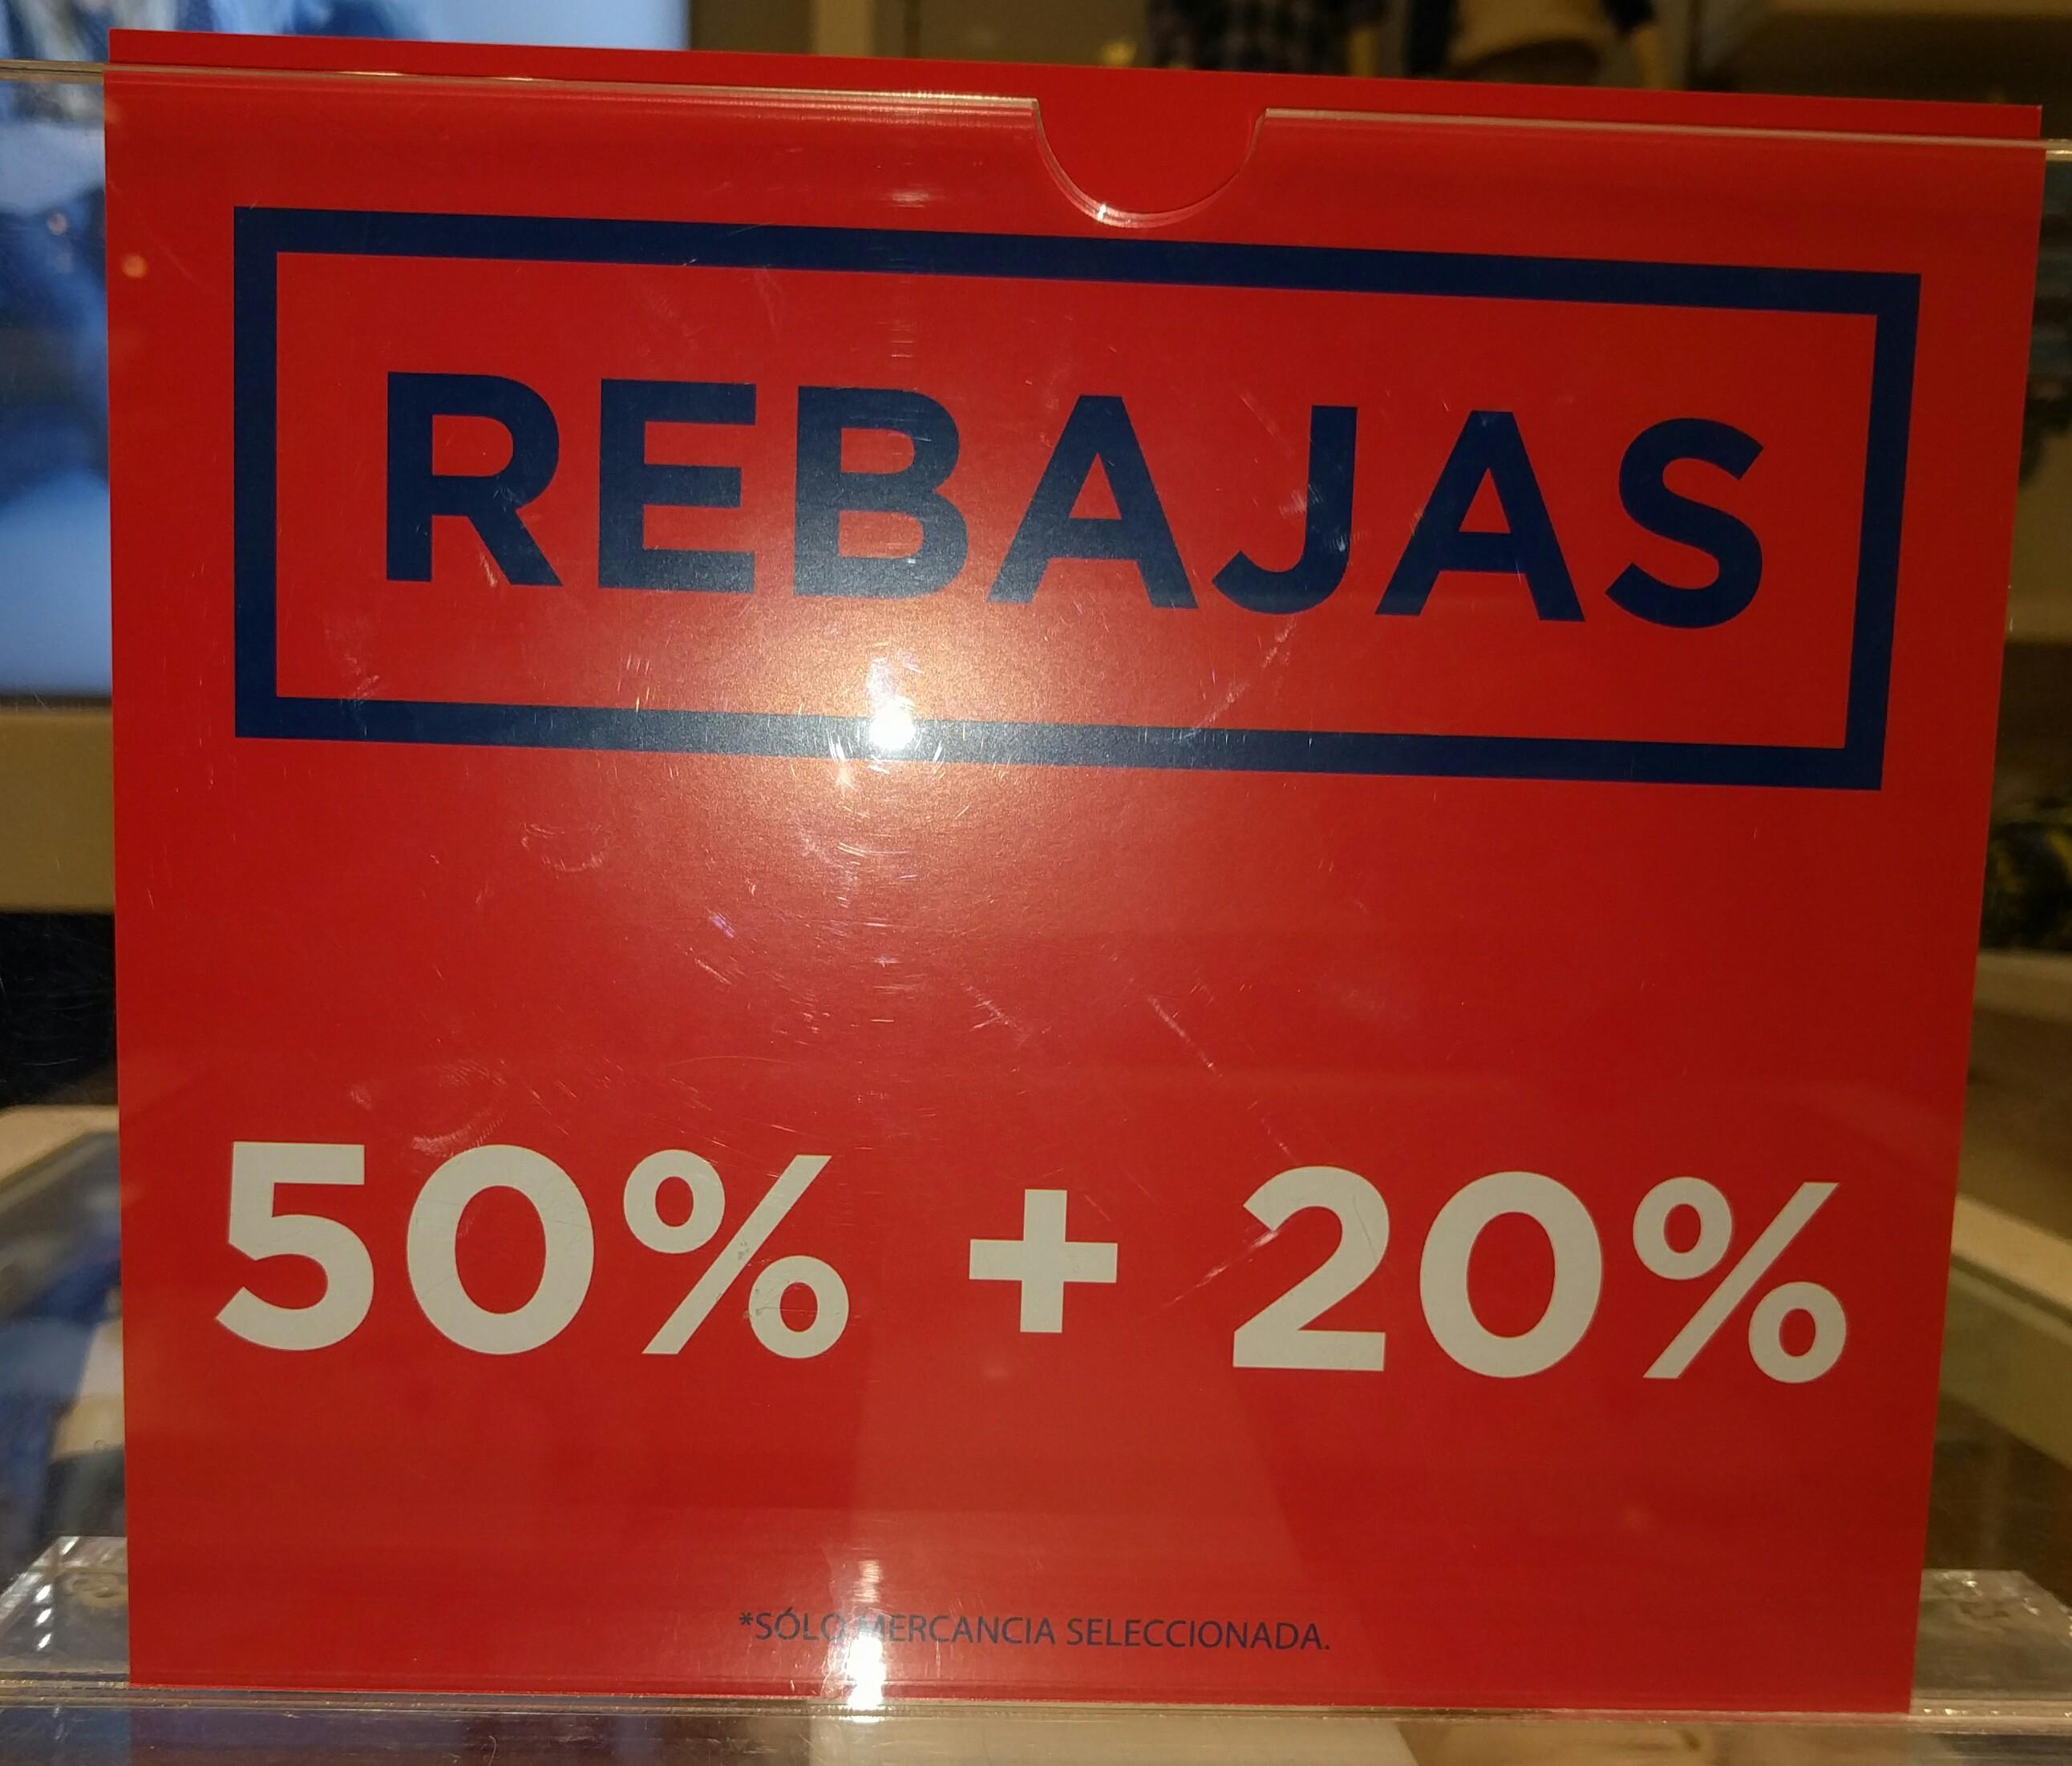 Gap: rebajas adicionales (50% + 20%)